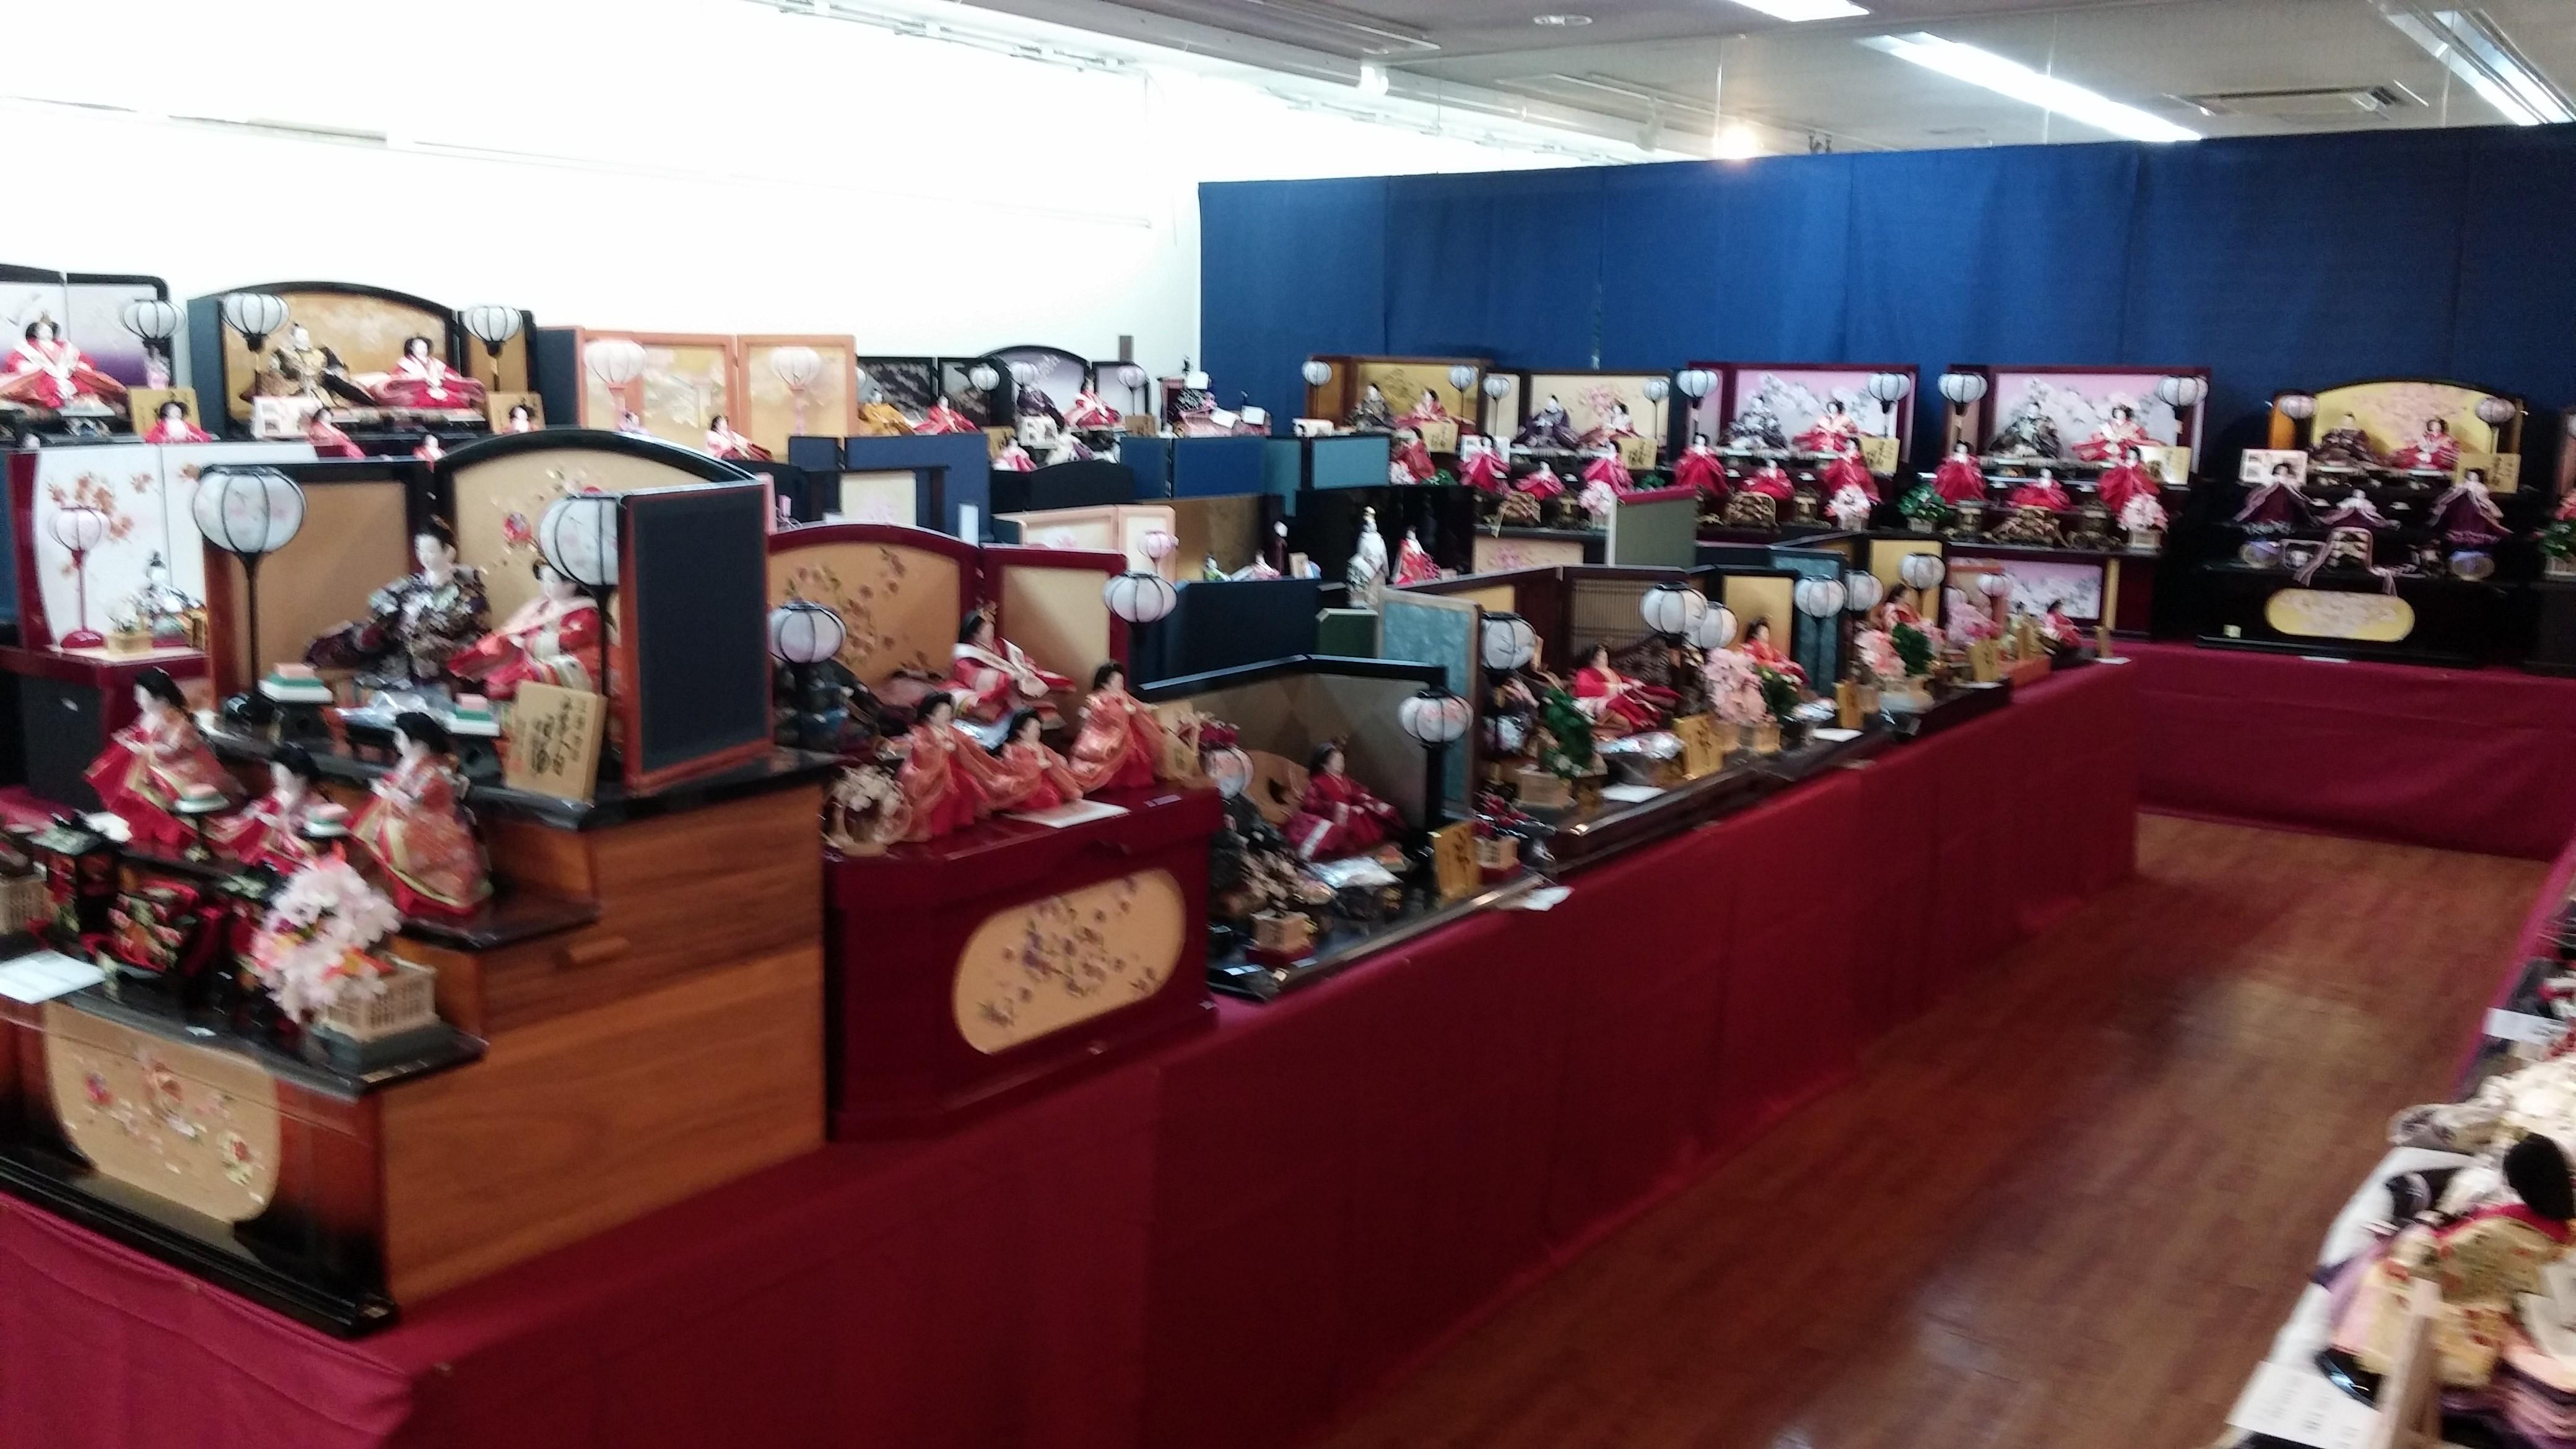 一二の三段飾り、親王飾り、収納飾り、昨年より売り場も広くなり、沢山展示してあります。